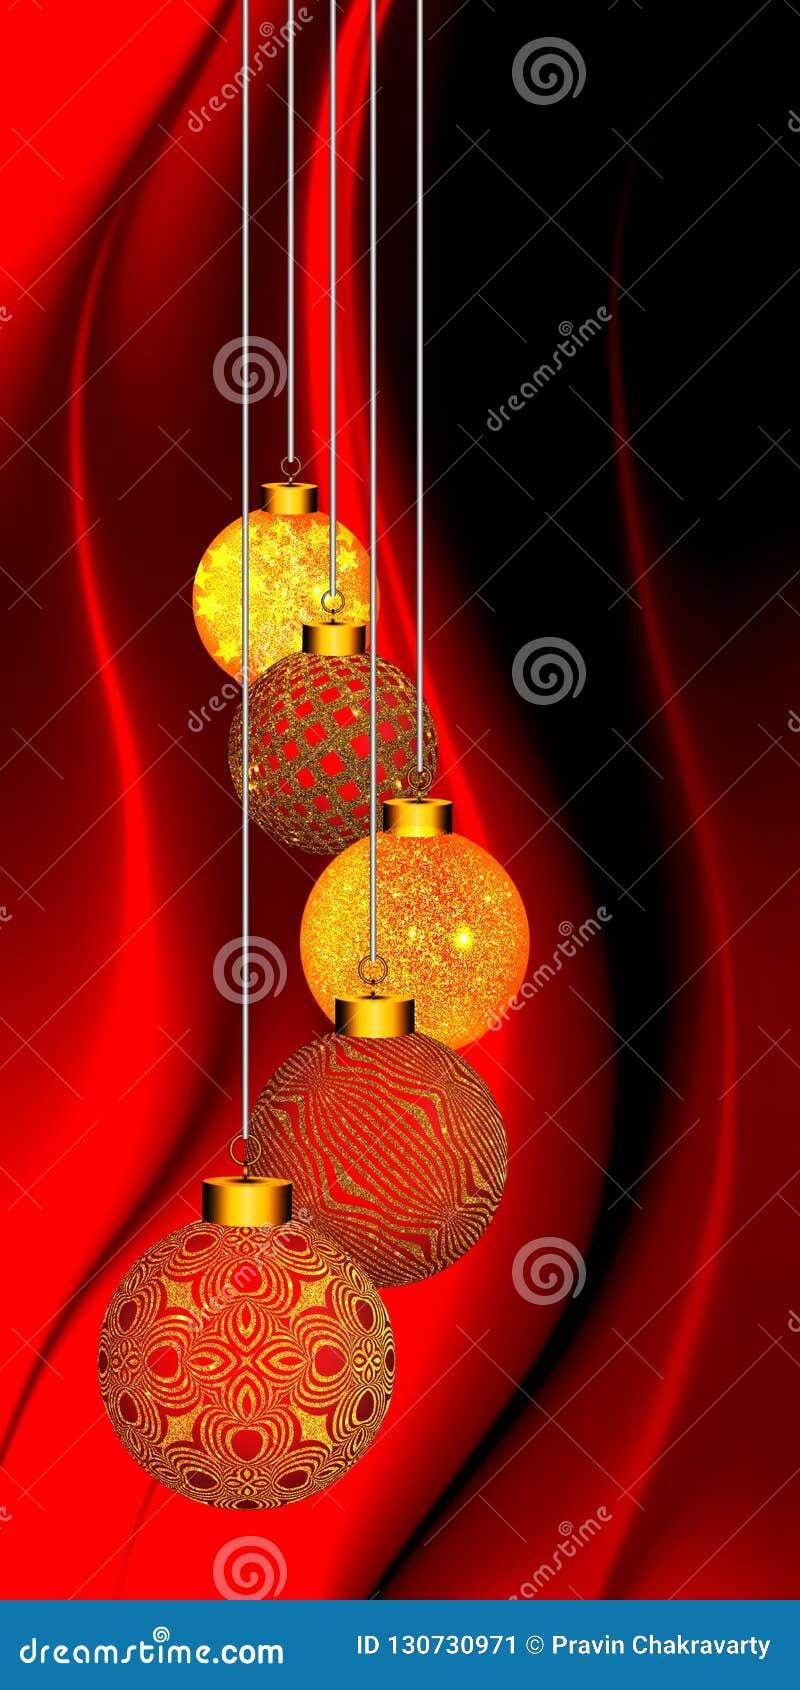 Bożenarodzeniowy tło z złocistym ornamentem na czerwonym i czarnym falistym tle